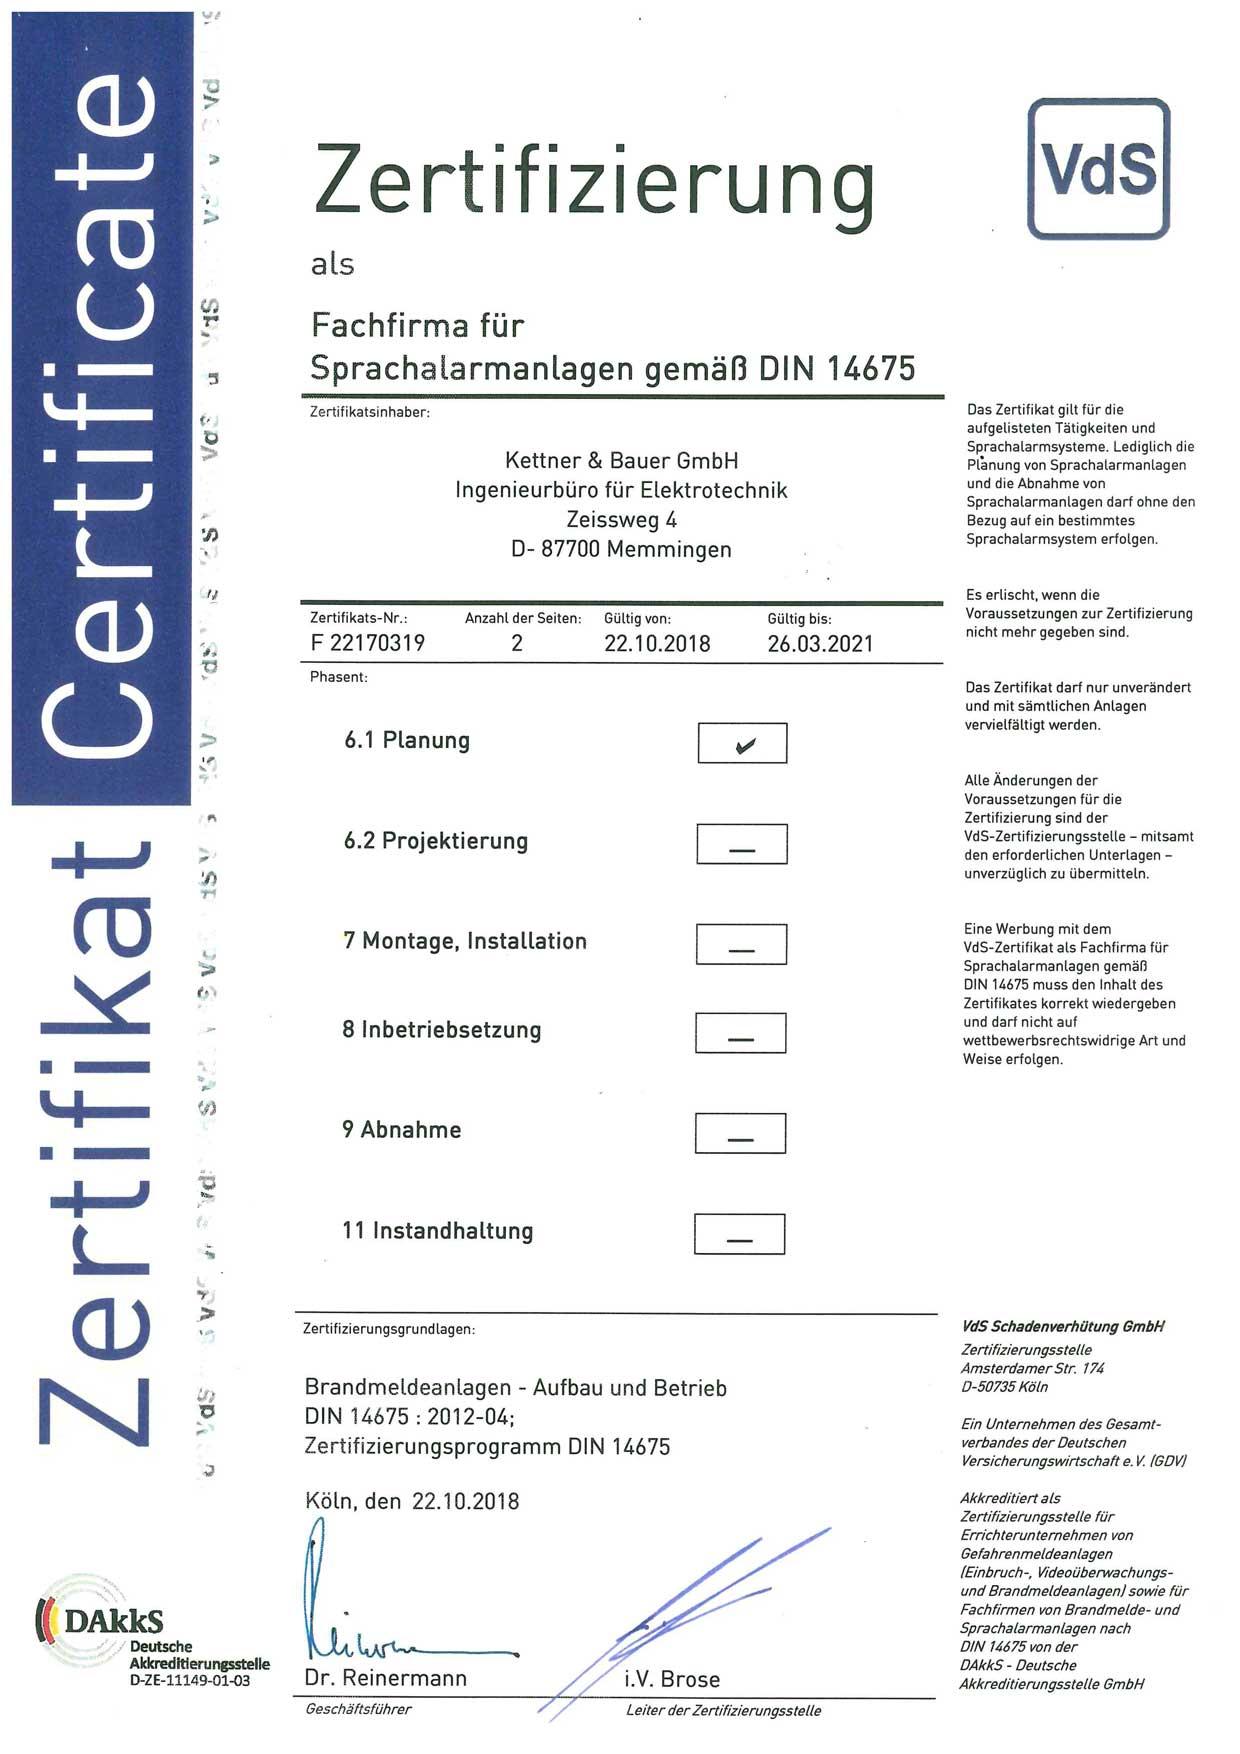 Fachfirma für Sprachalarmanlagen nach DIN 14675